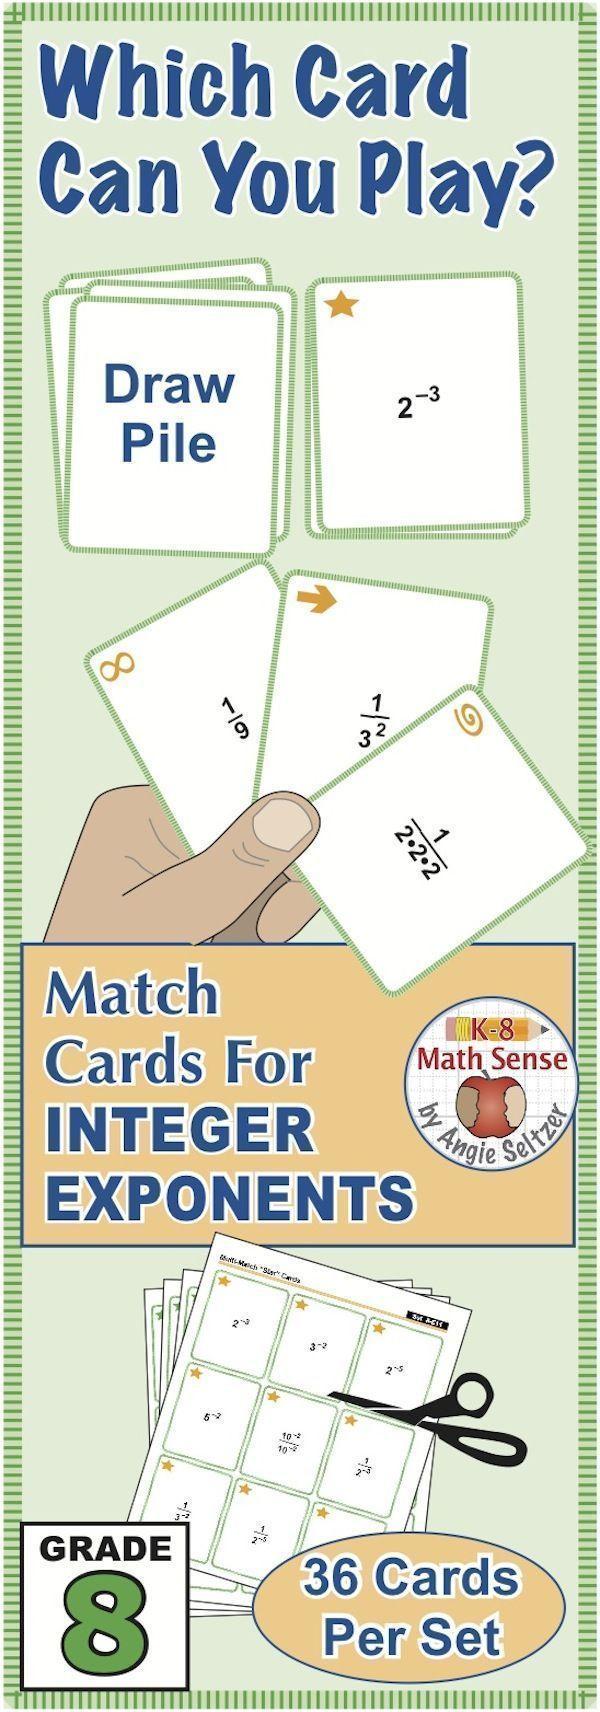 FREE Understanding Integer Exponents 40 Math Matching